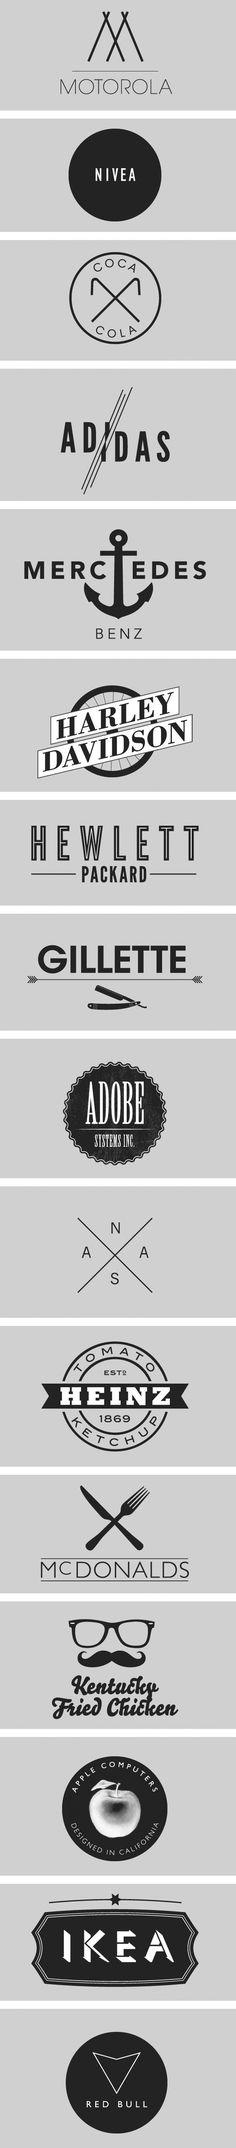 Décryptez le logos à la mode « hipster » ! | Graphisme & interactivité blog par Geoffrey Dorne: